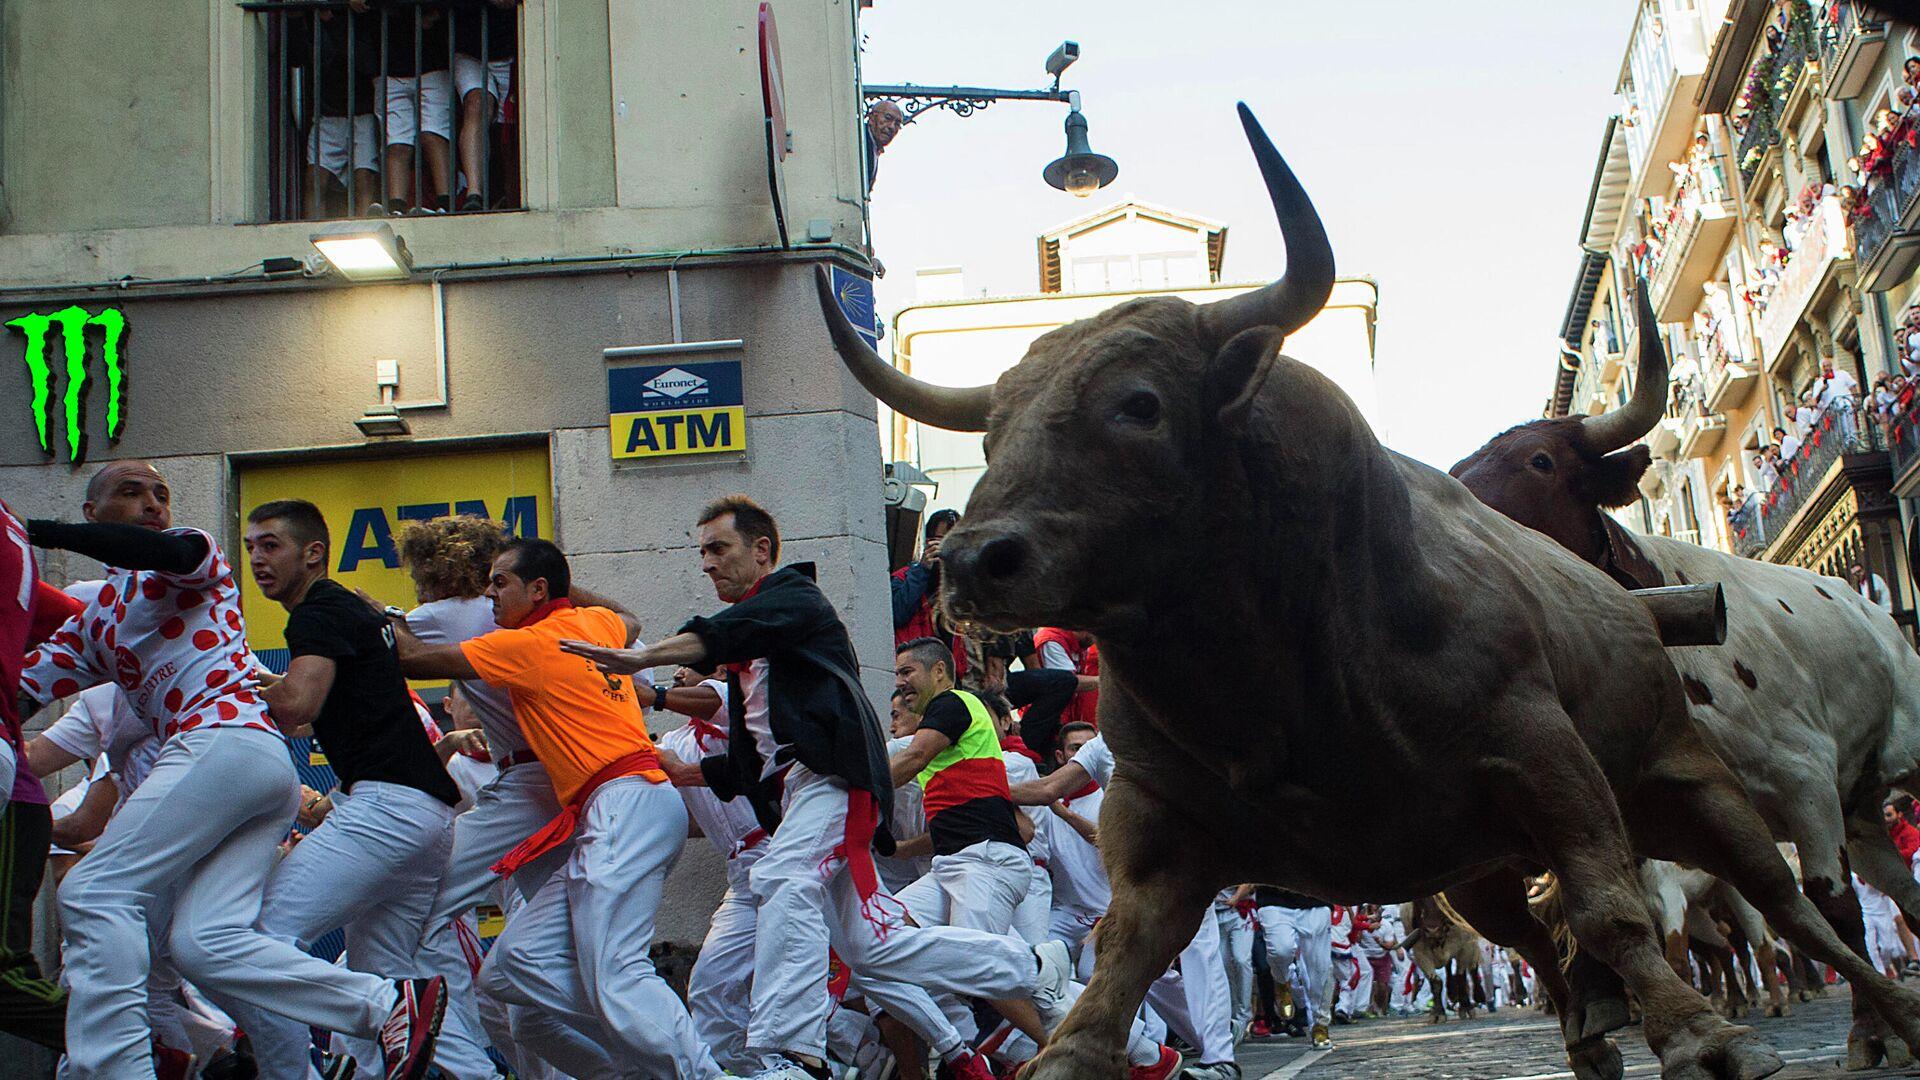 Foto de archivo. Los participantes corren junto a toros de lidia y novillos en una corrida de toros durante la fiesta de San Fermín en Pamplona - Sputnik Mundo, 1920, 26.04.2021